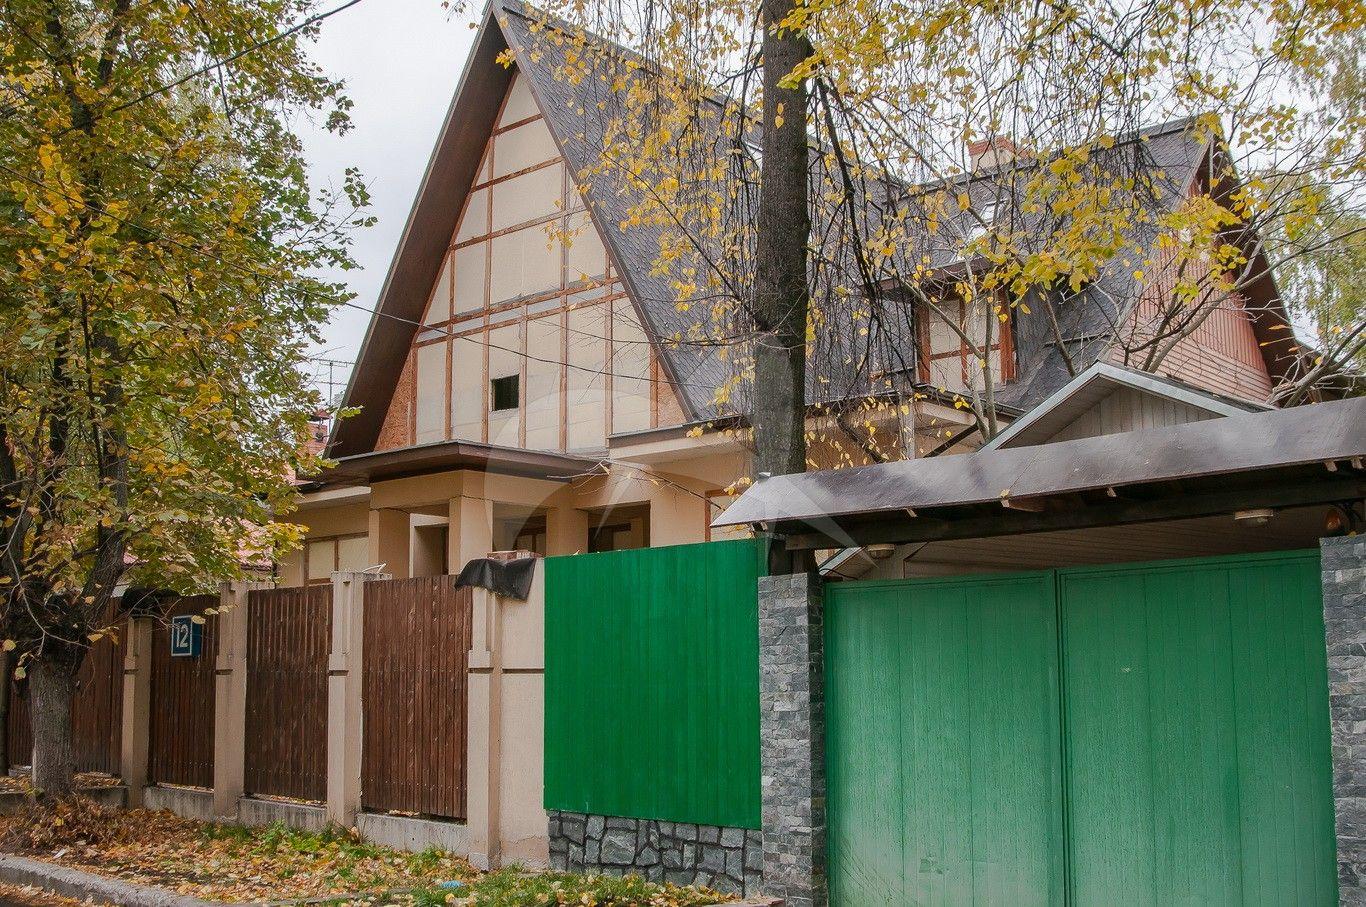 Жилой дом, 1926 г., арх. Н.В. Марковников